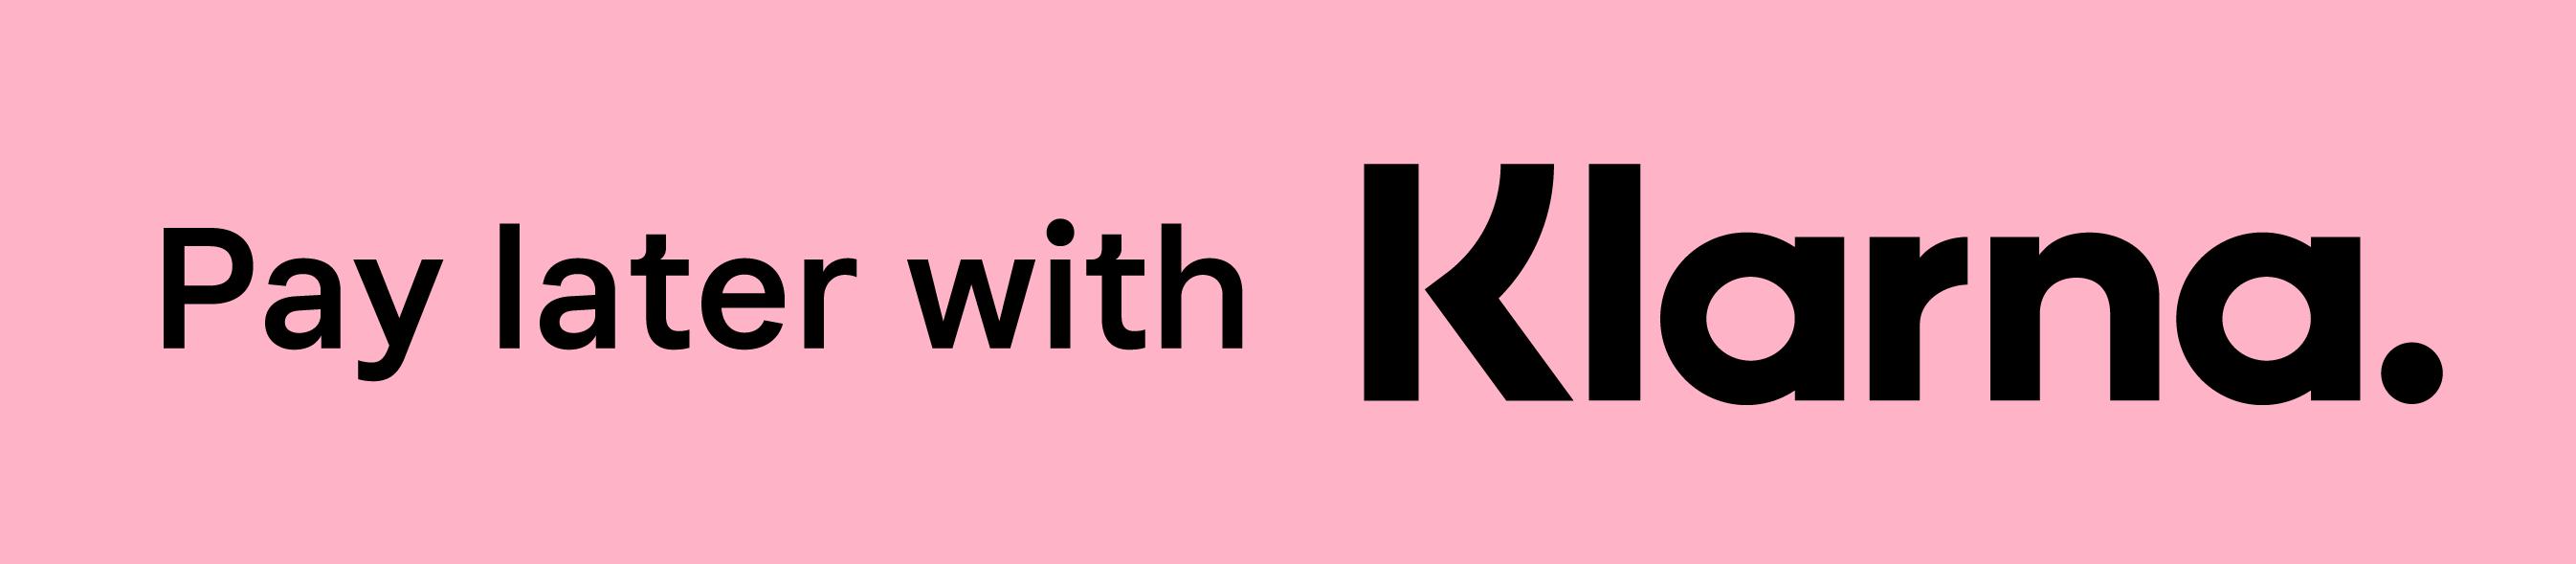 klarna-actionbadge-primary-pink.png